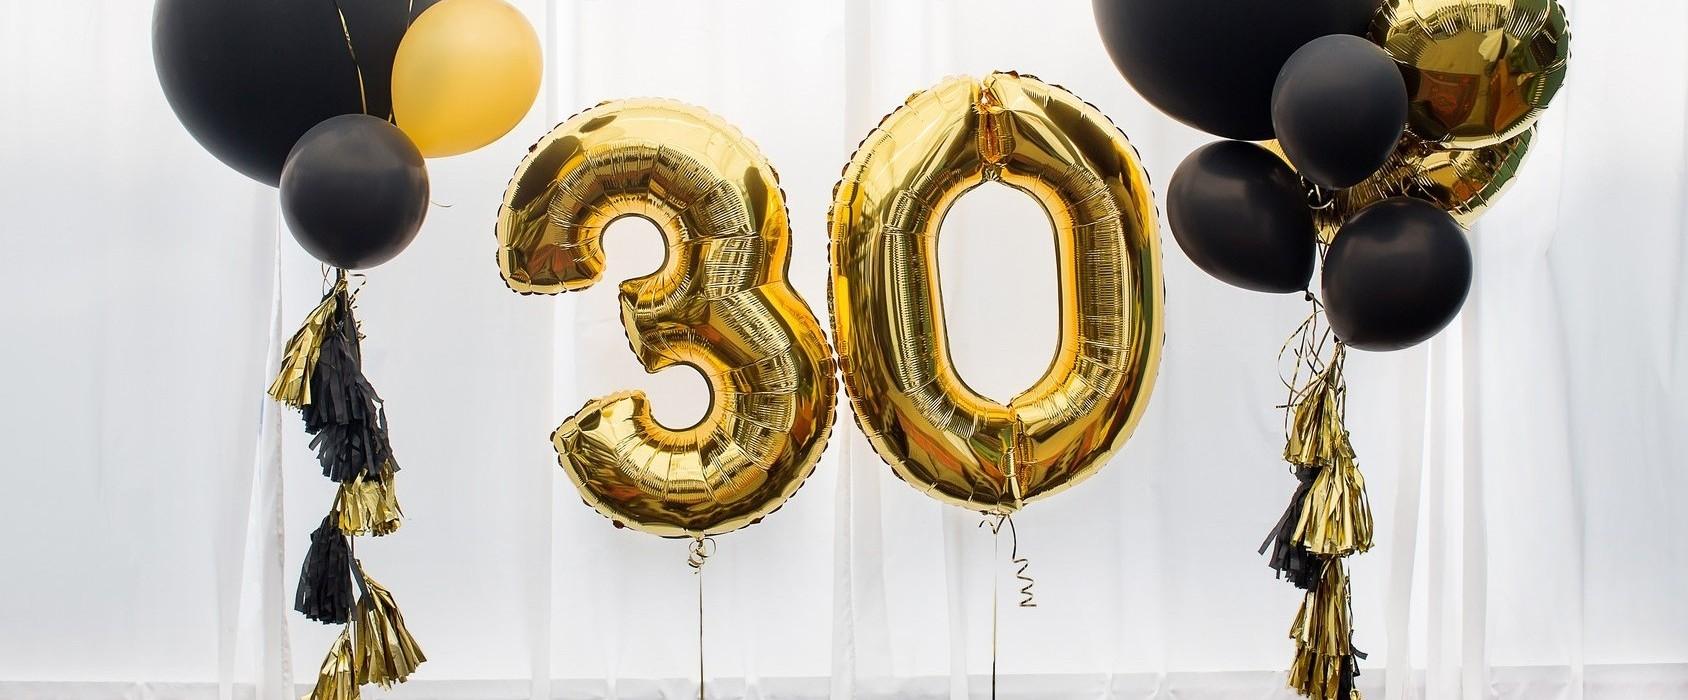 30 lat minęło! Zobacz 30 rad na lepsze życie – każdego dnia! [+ KONKURS!]